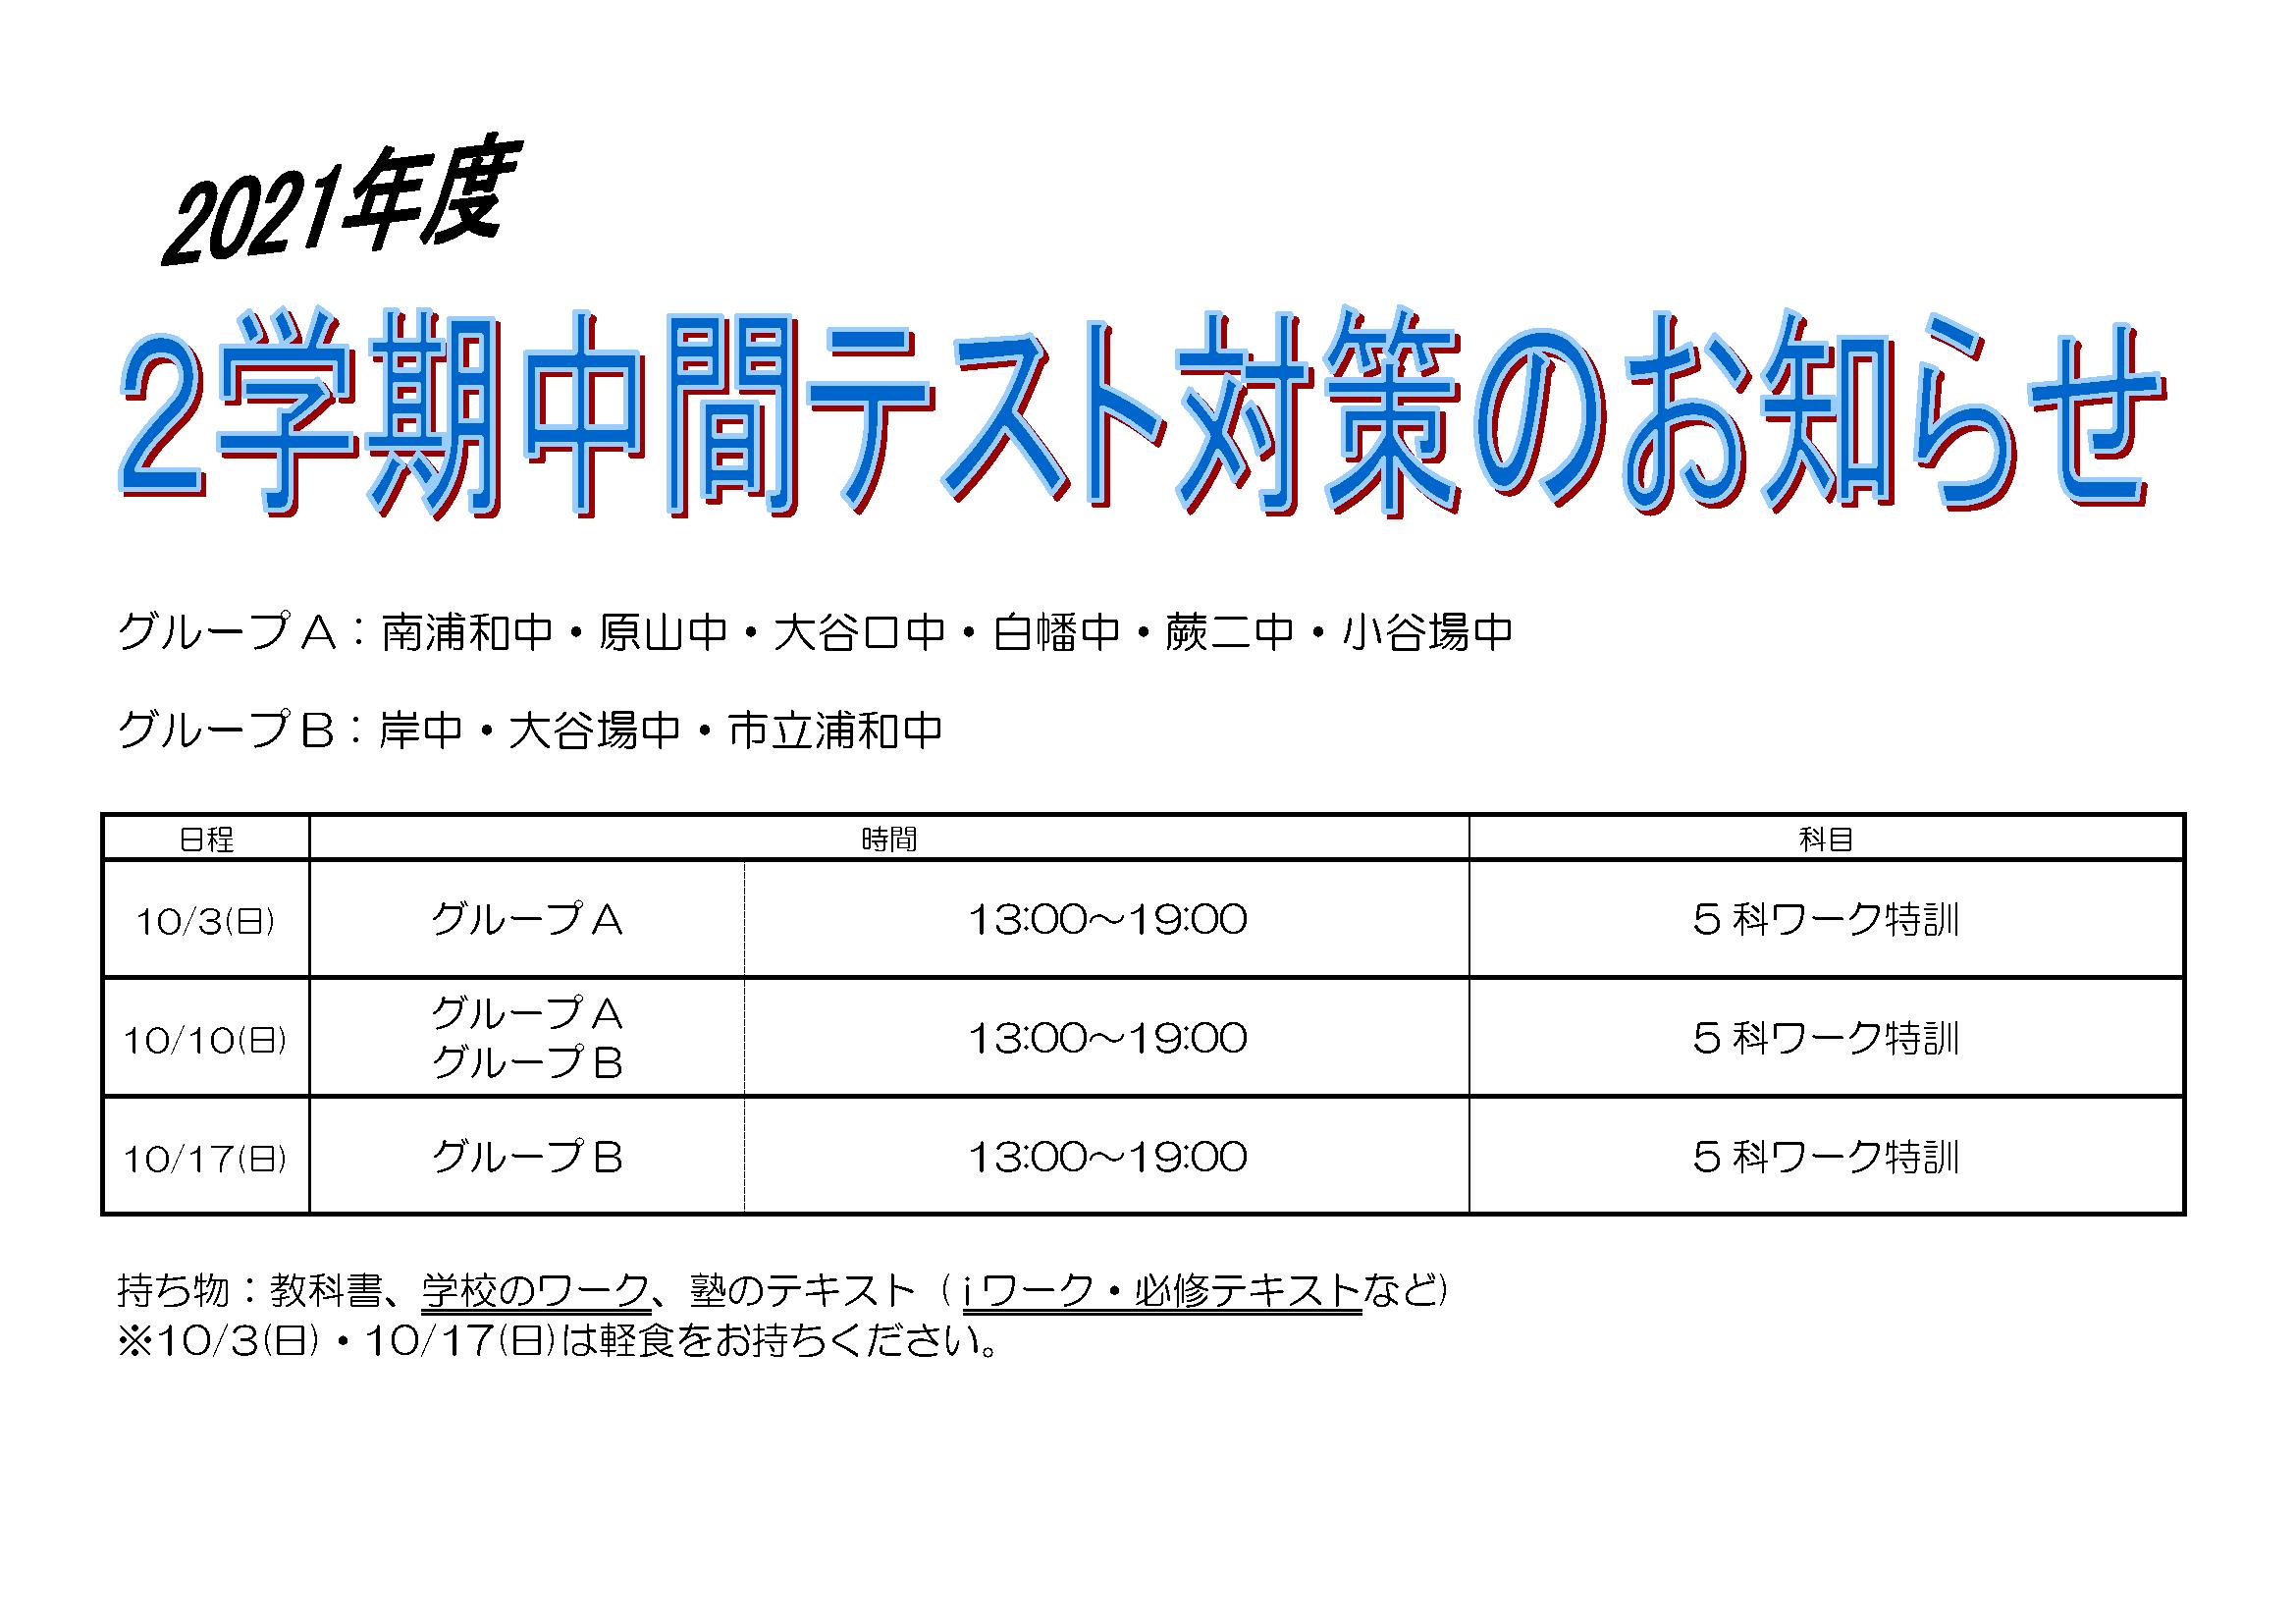 2学期中間テスト対策スケ210915②